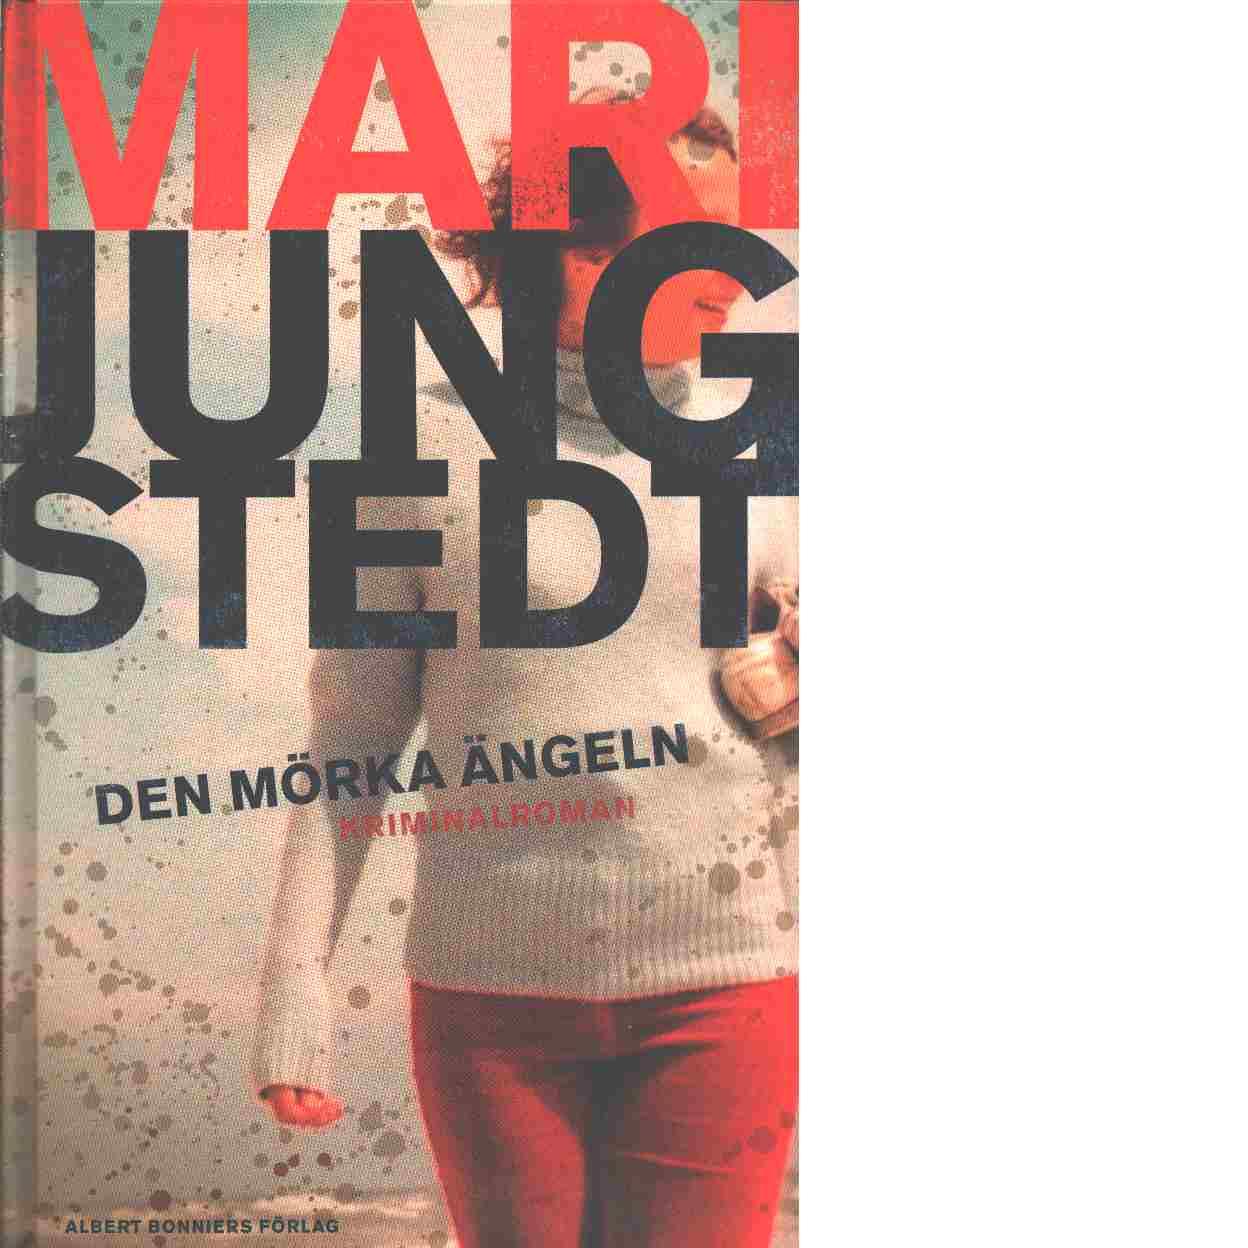 Den mörka ängeln : [kriminalroman] - Jungstedt, Mari